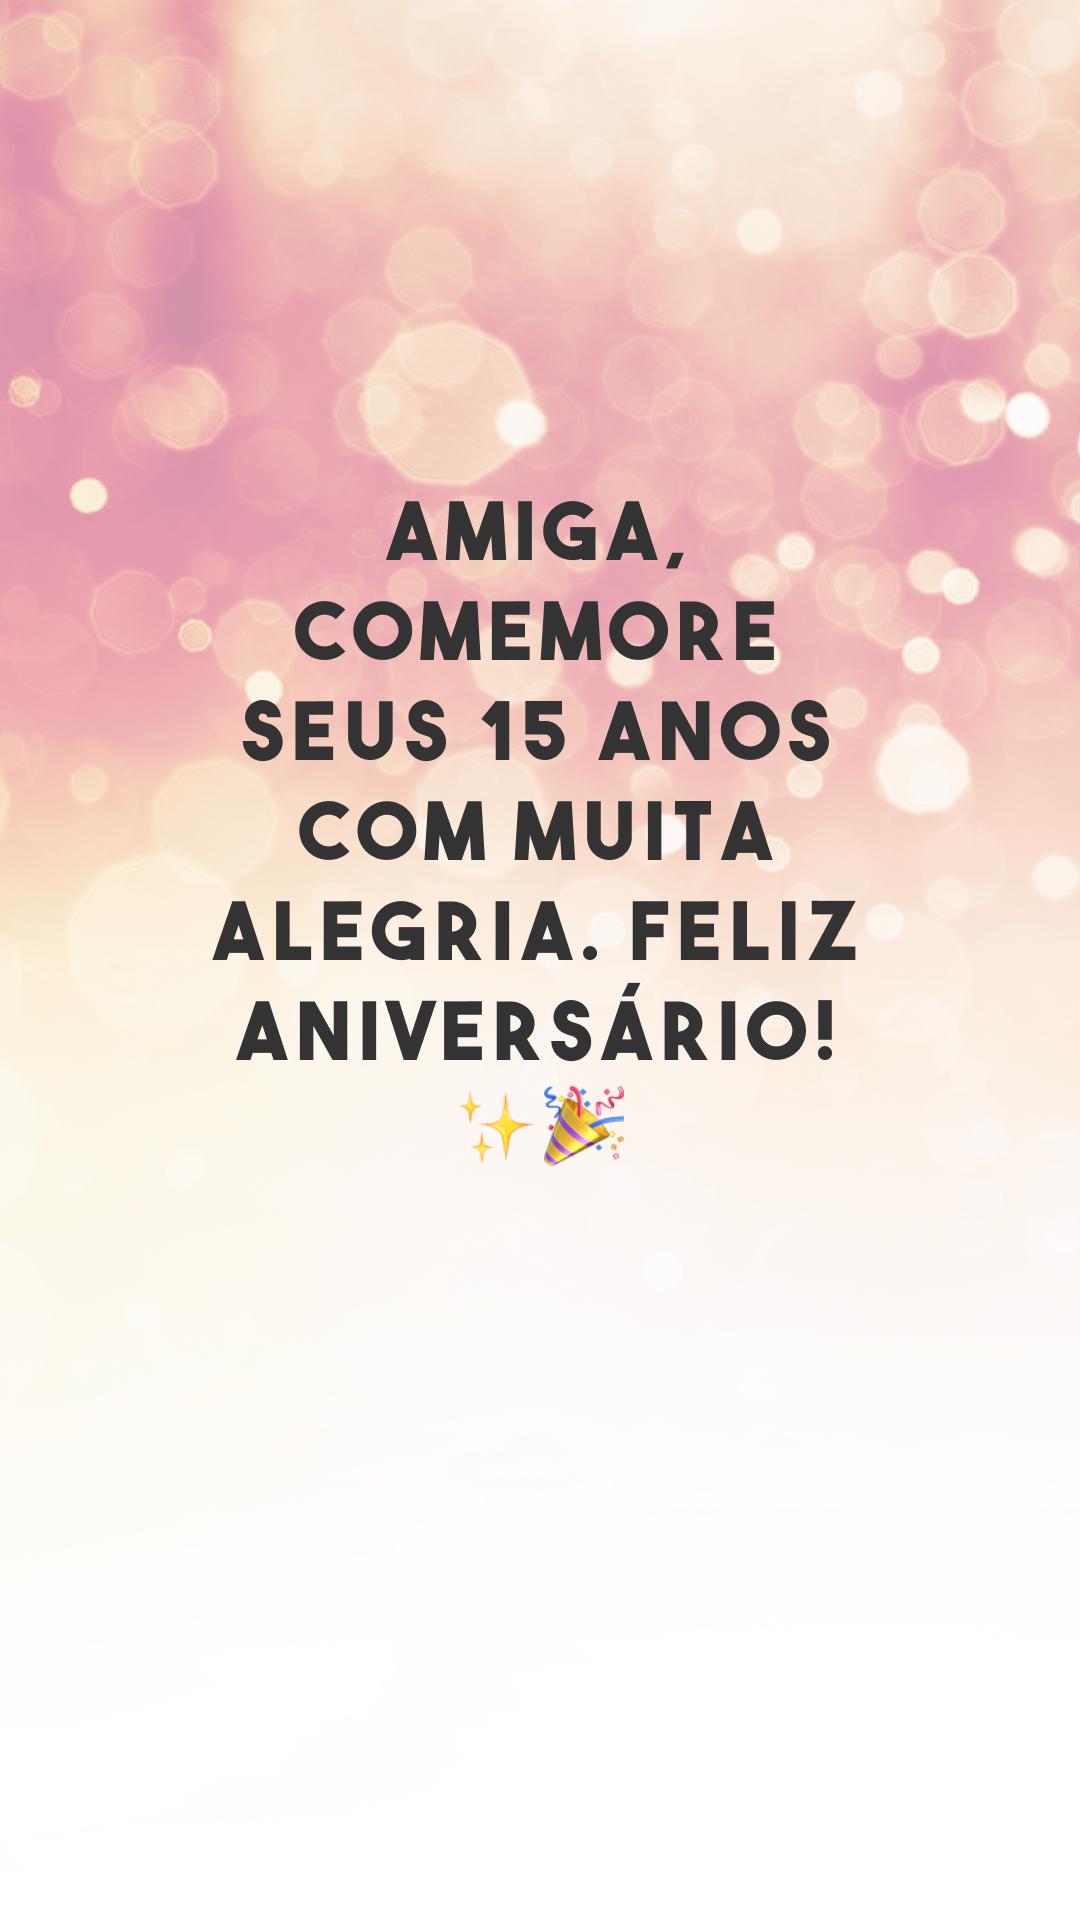 Amiga, comemore seus 15 anos com muita alegria. Feliz aniversário! ✨🎉